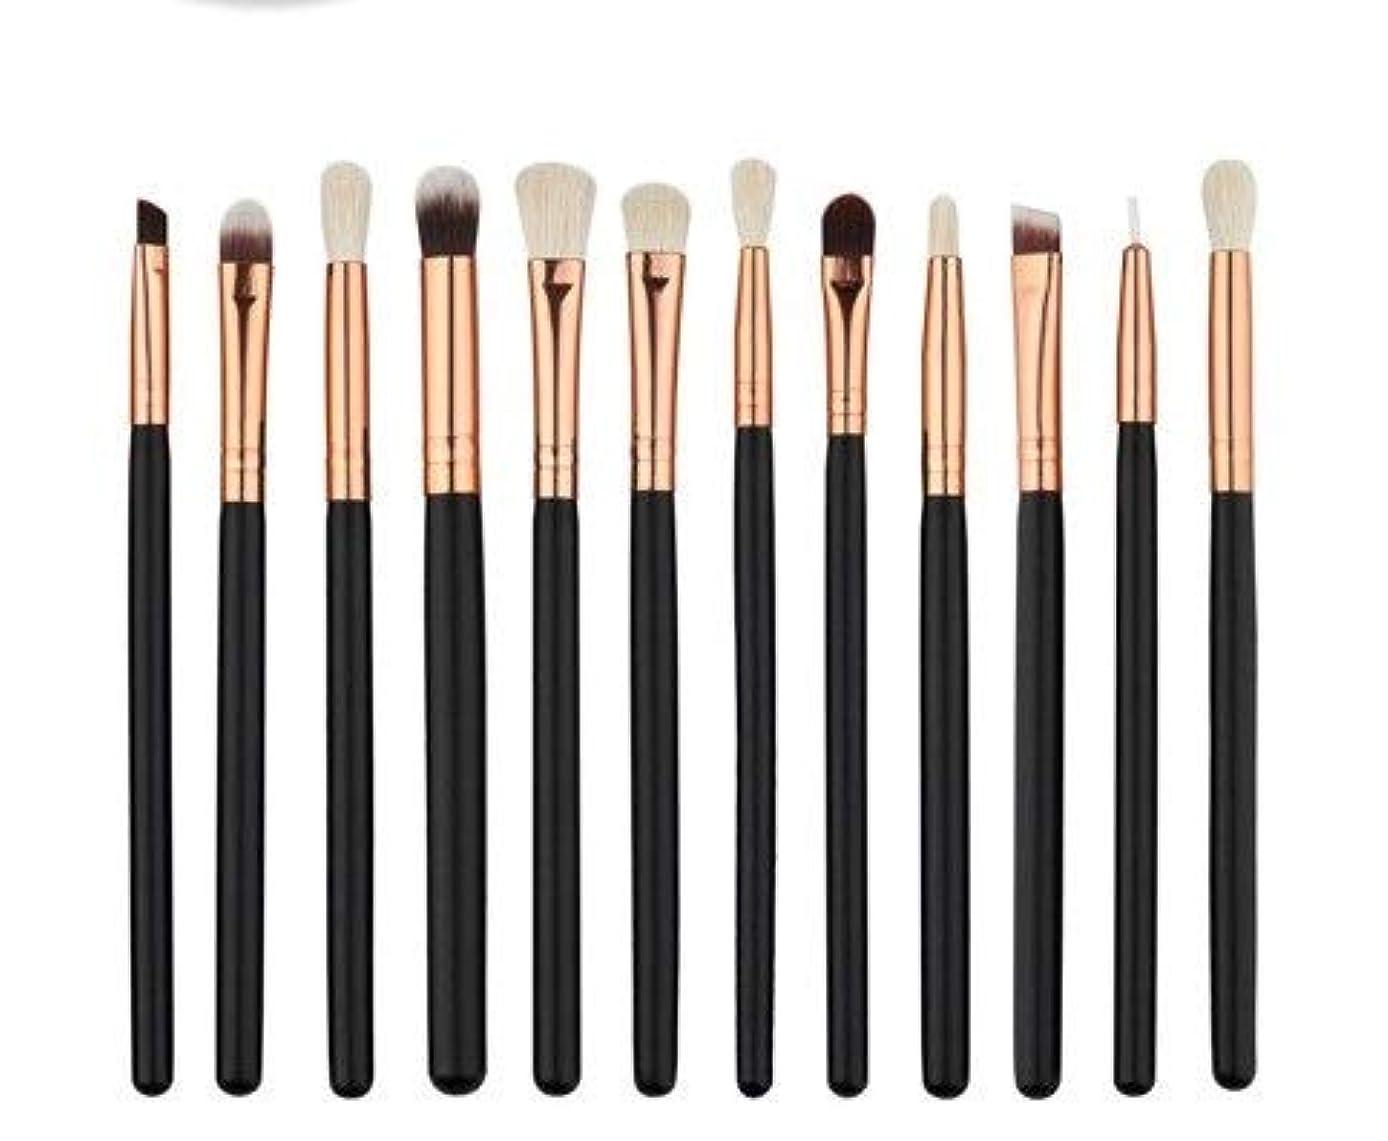 プロポーショナル特異性繊維アイシャドウブラシセット12ピース化粧アイブラシアイシャドウブレンドブラシ眉毛アイライナーリップブラシ美容ブラシ、ギフトに最適 (Color : Black)